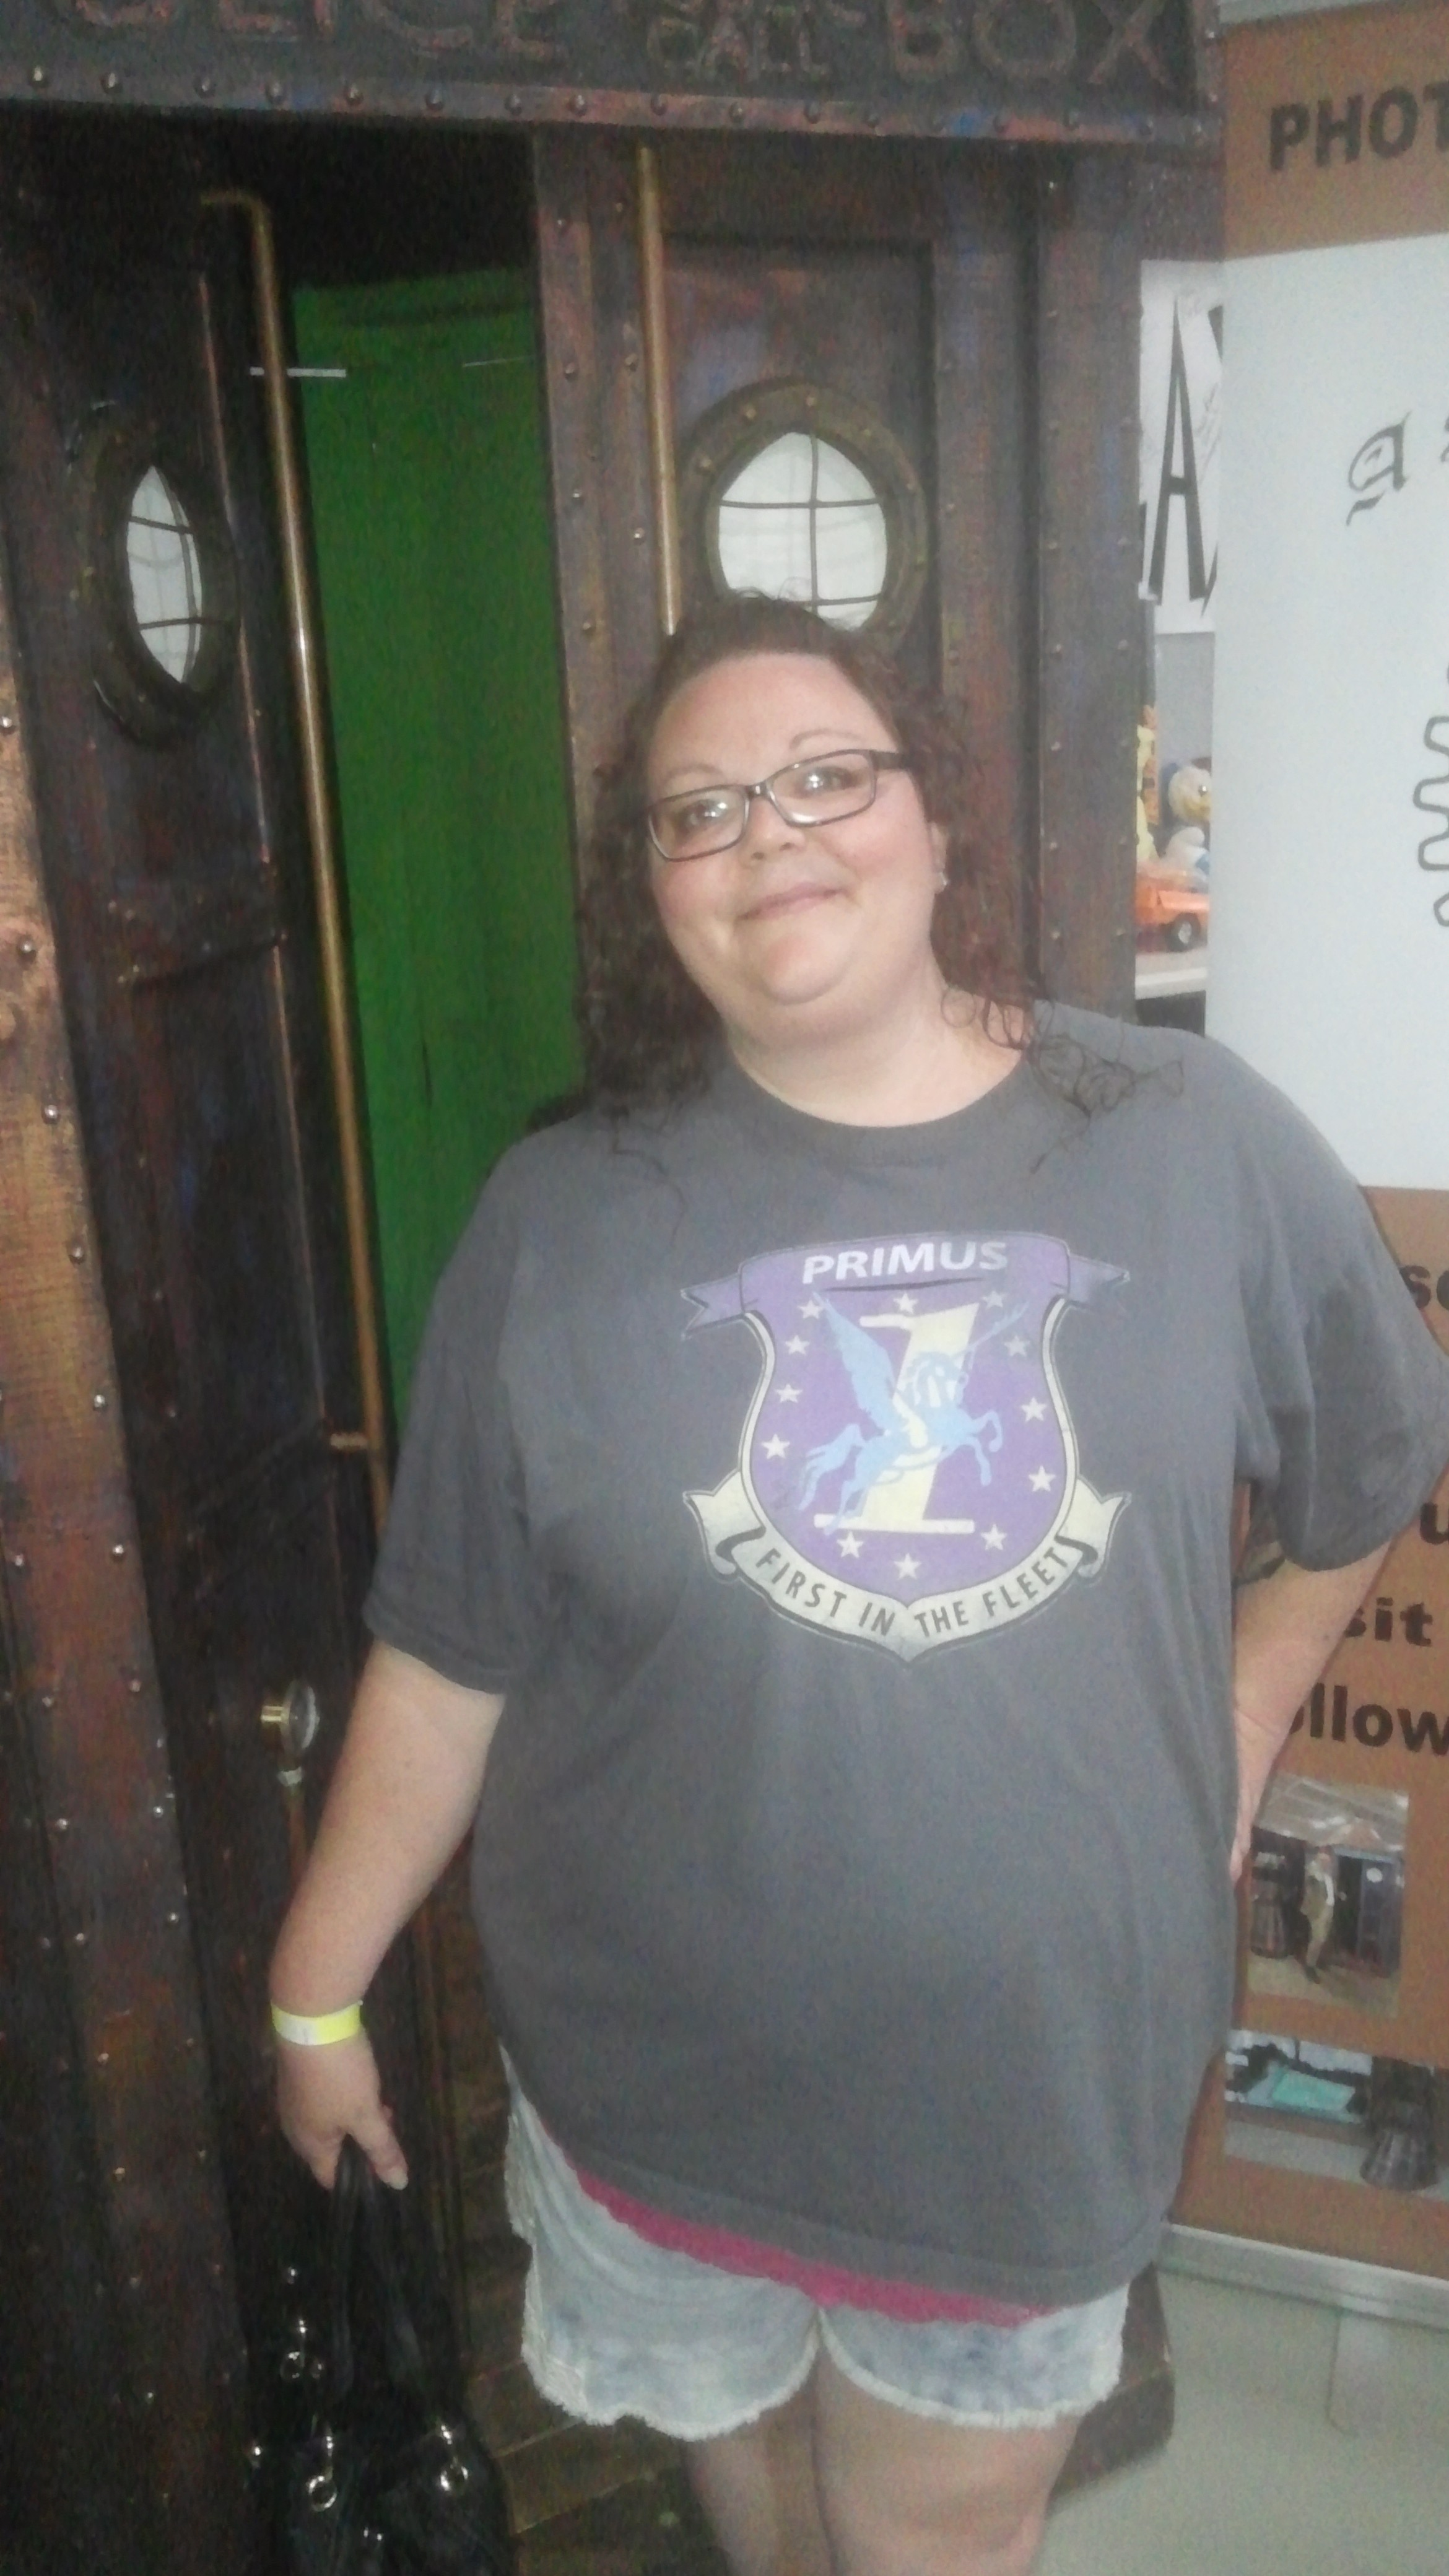 Fran (Notice the shirt)